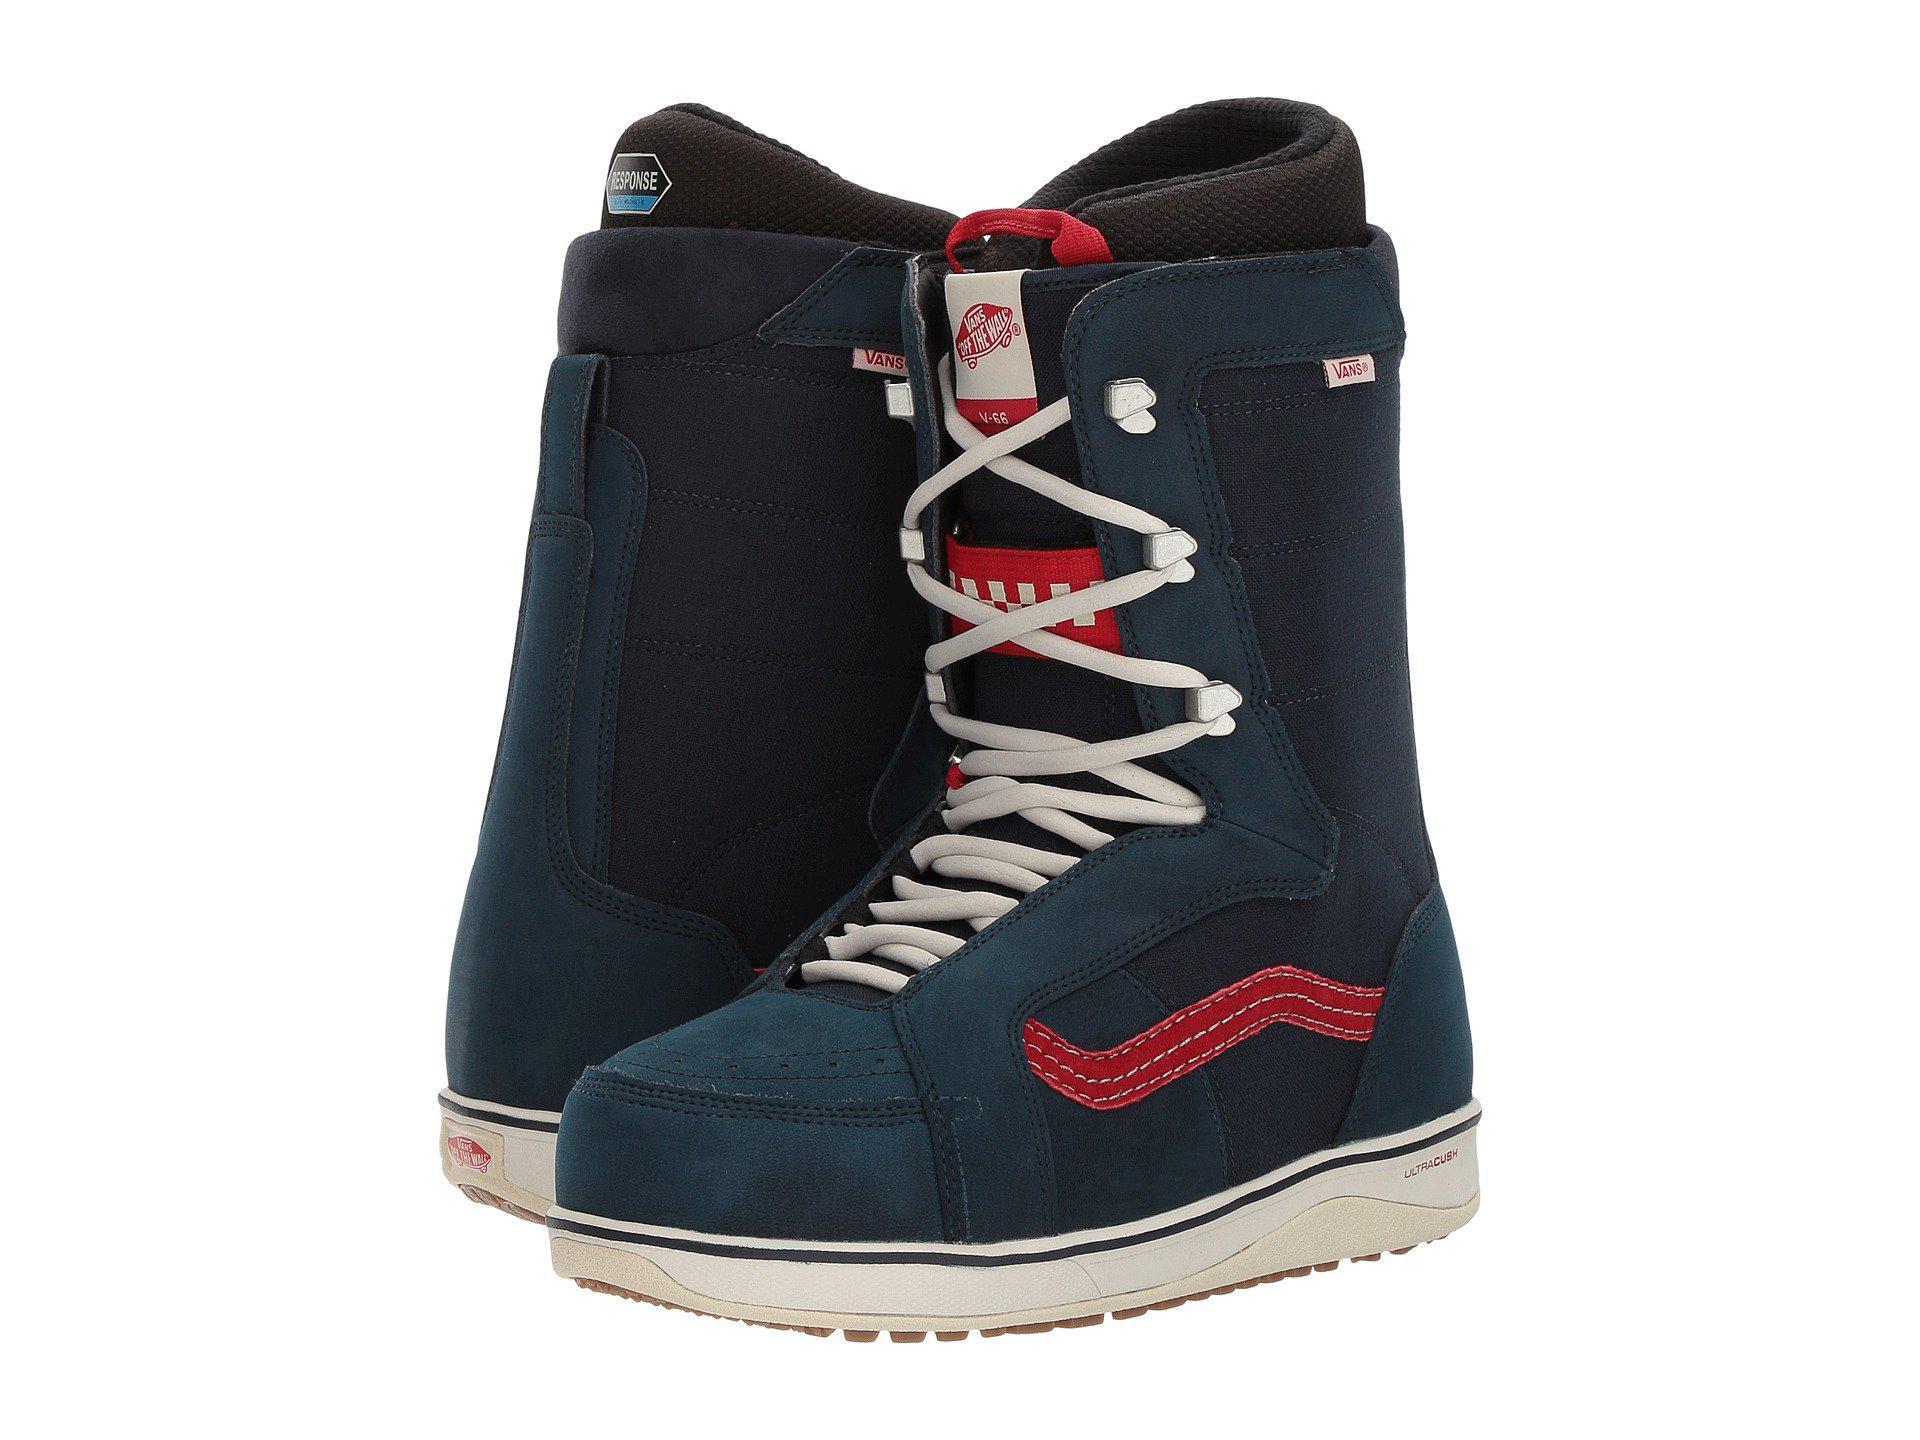 3d7f4877254 Lyst - Vans V-66 (black black) Men s Snow Shoes in Blue for Men